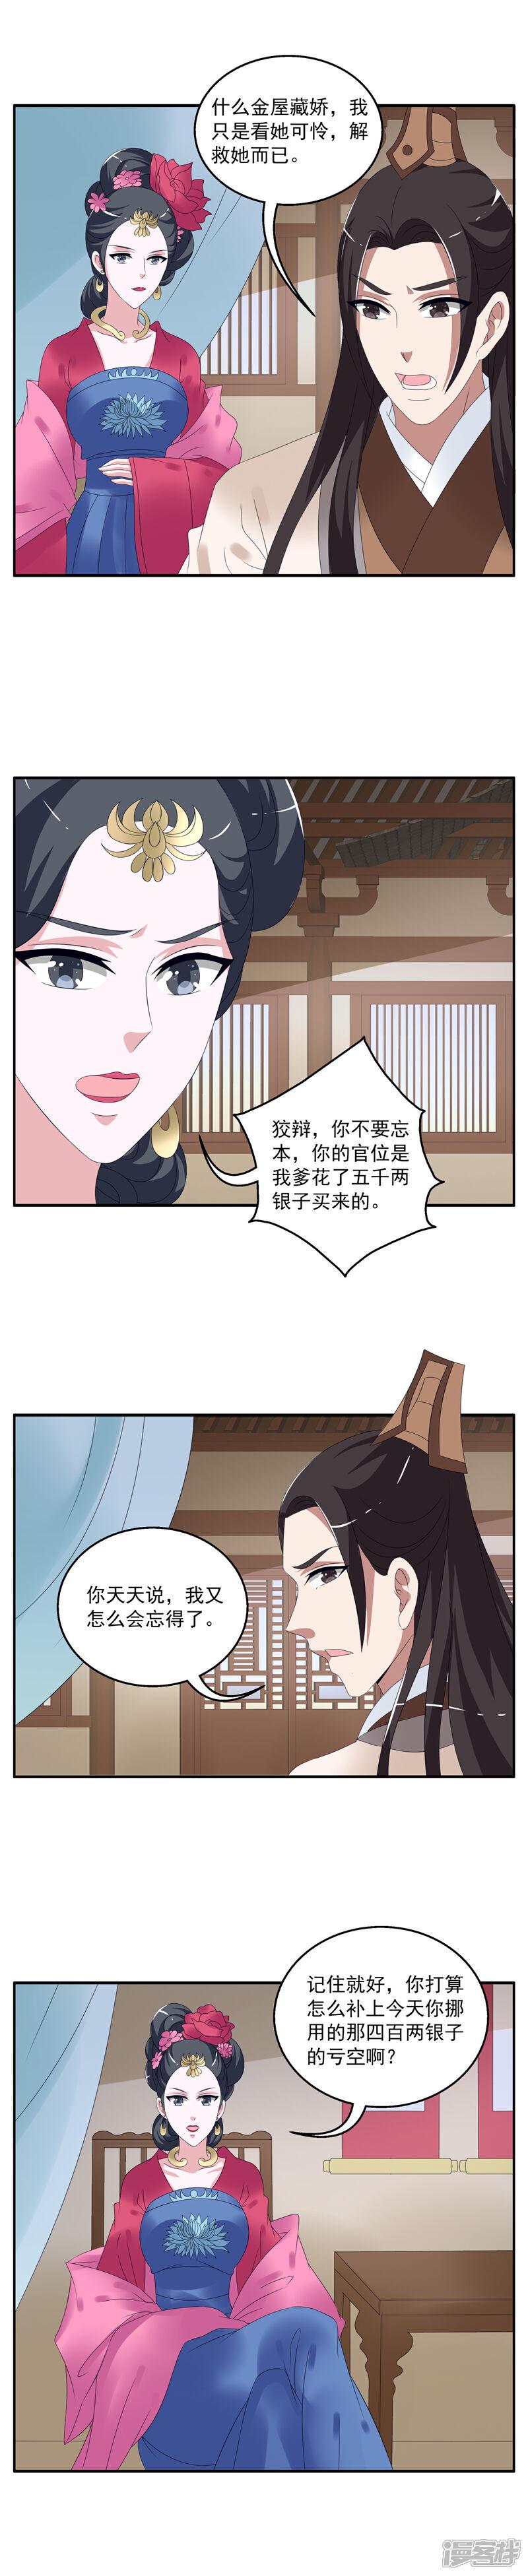 洛小妖154 (2).JPG